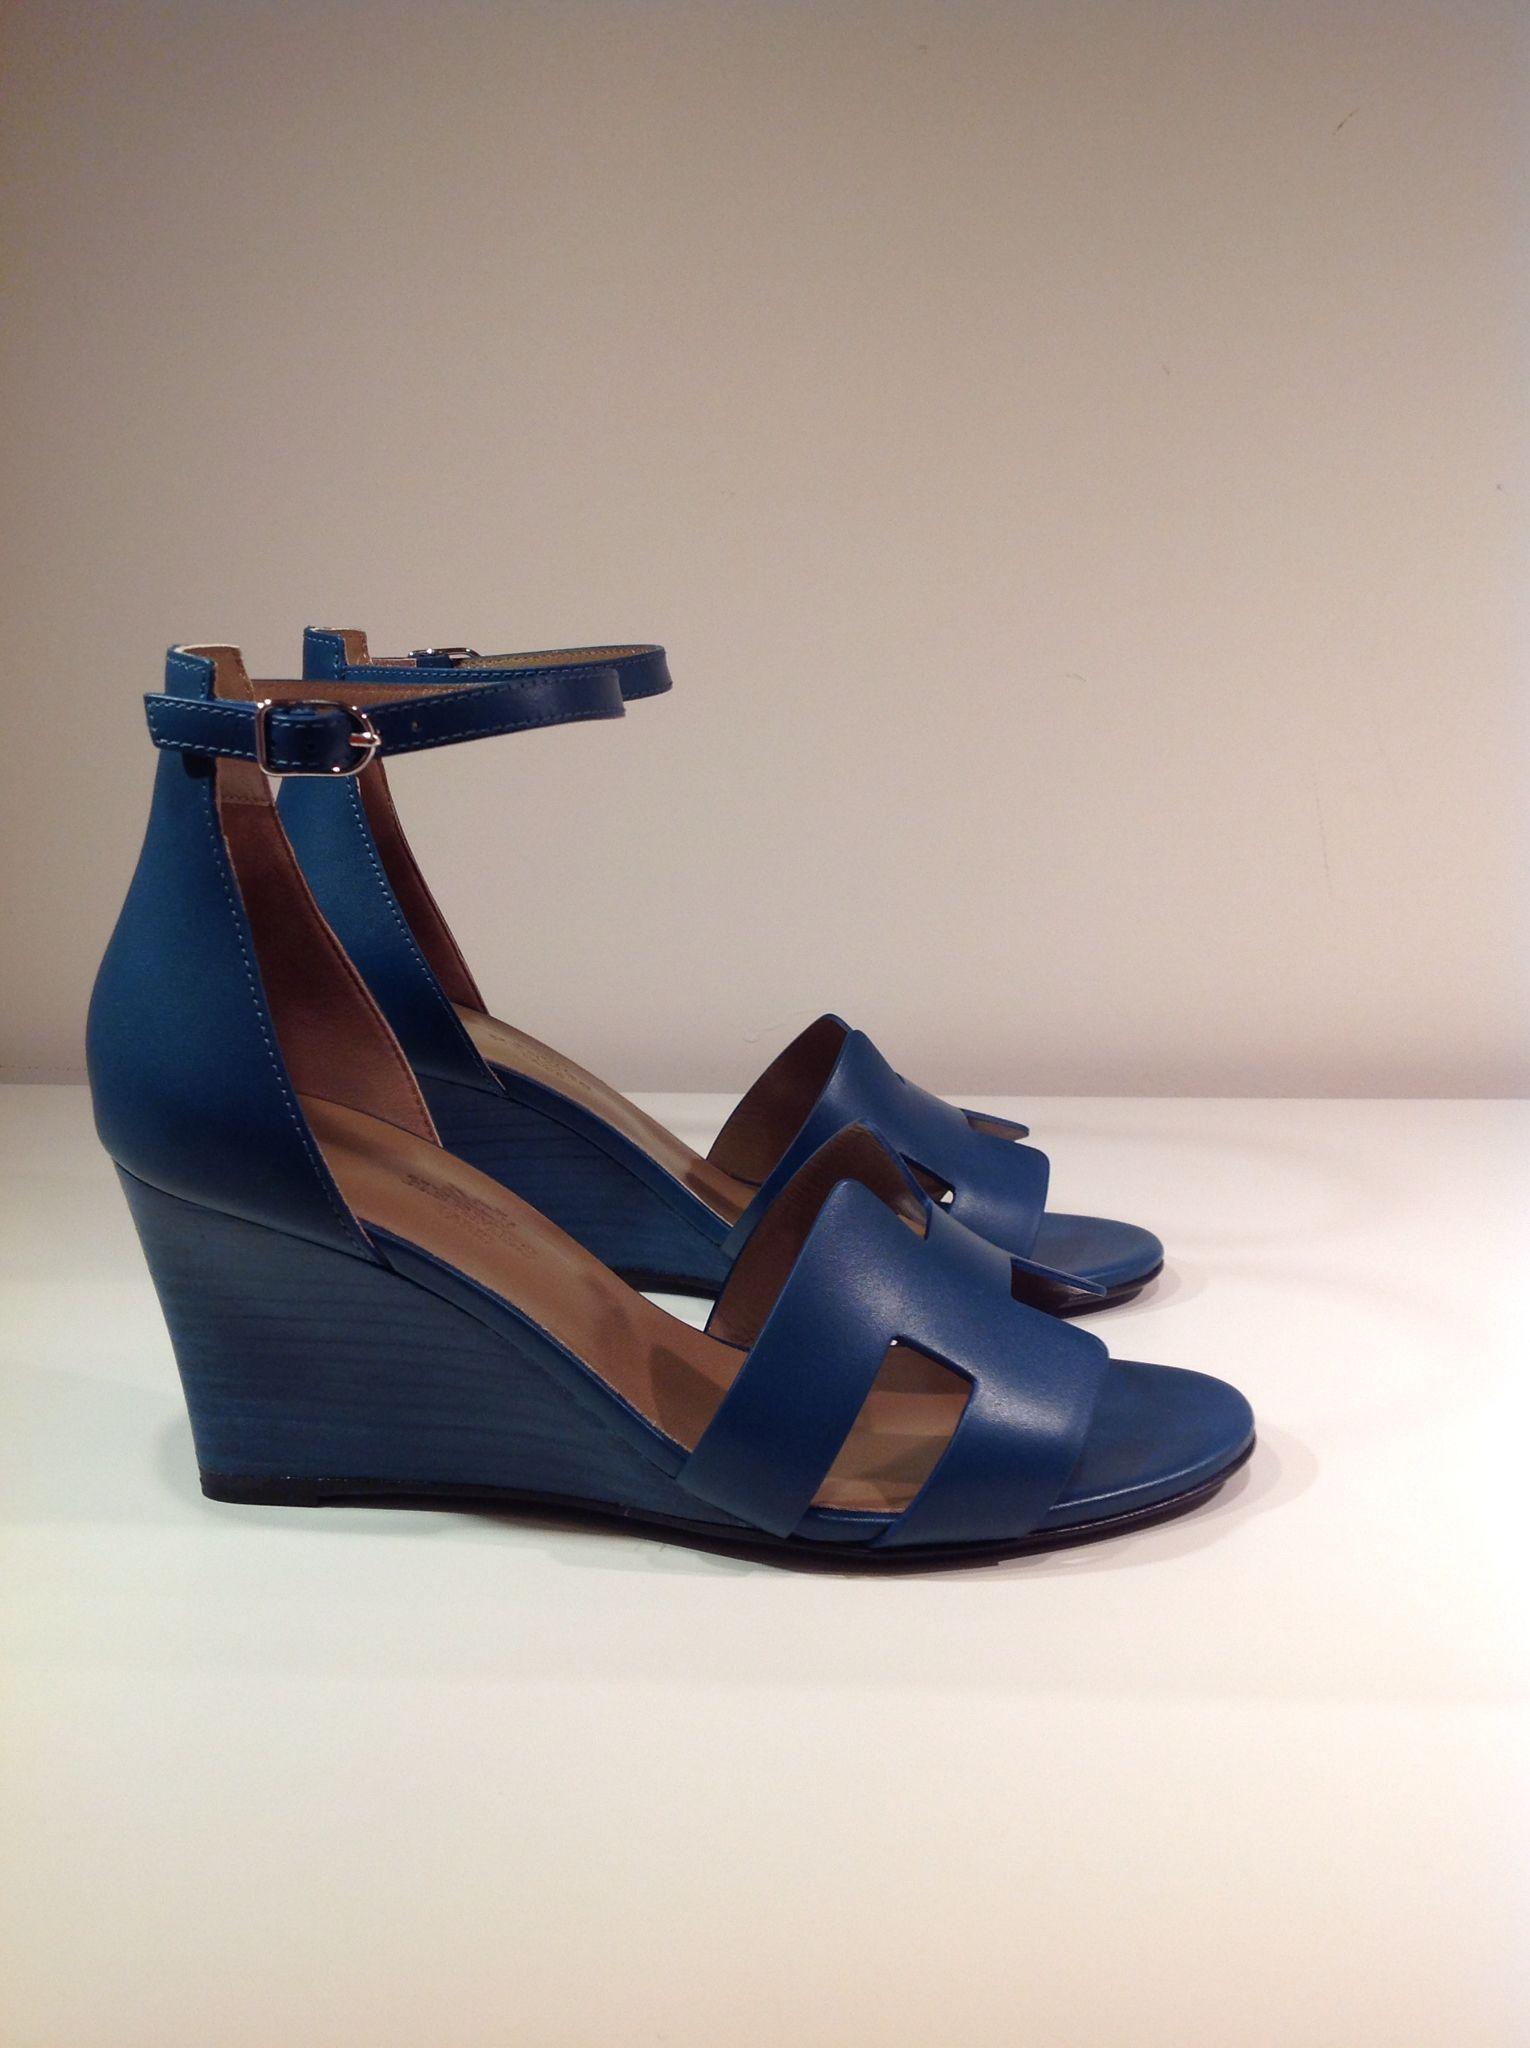 Hermes sandals dance shoes - Hermes Legend Sandals